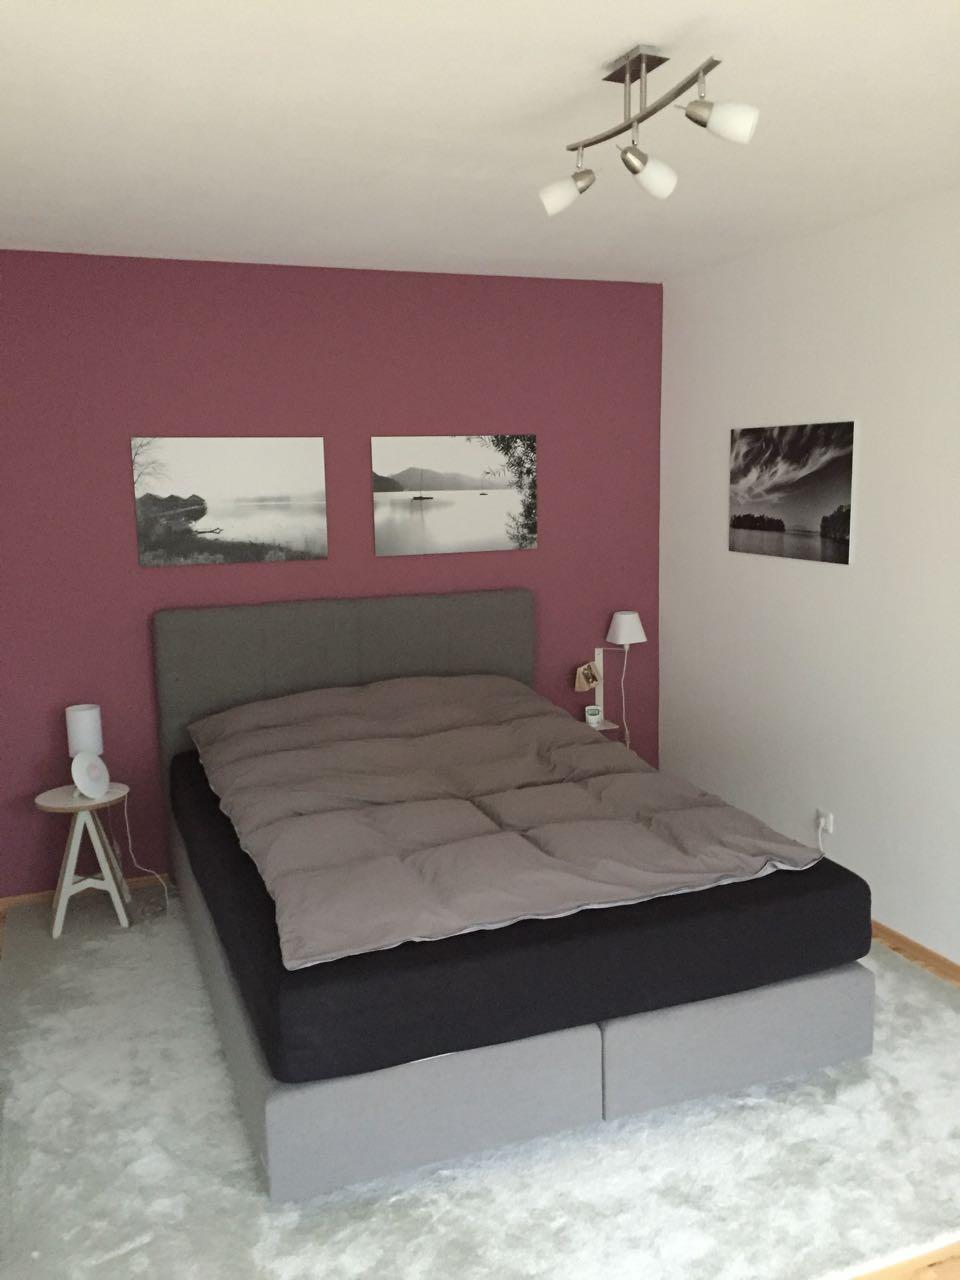 Schlafzimmer Vorher Nachher | Neugestaltung Wohnzimmer Schlafzimmer Vorher Nachher